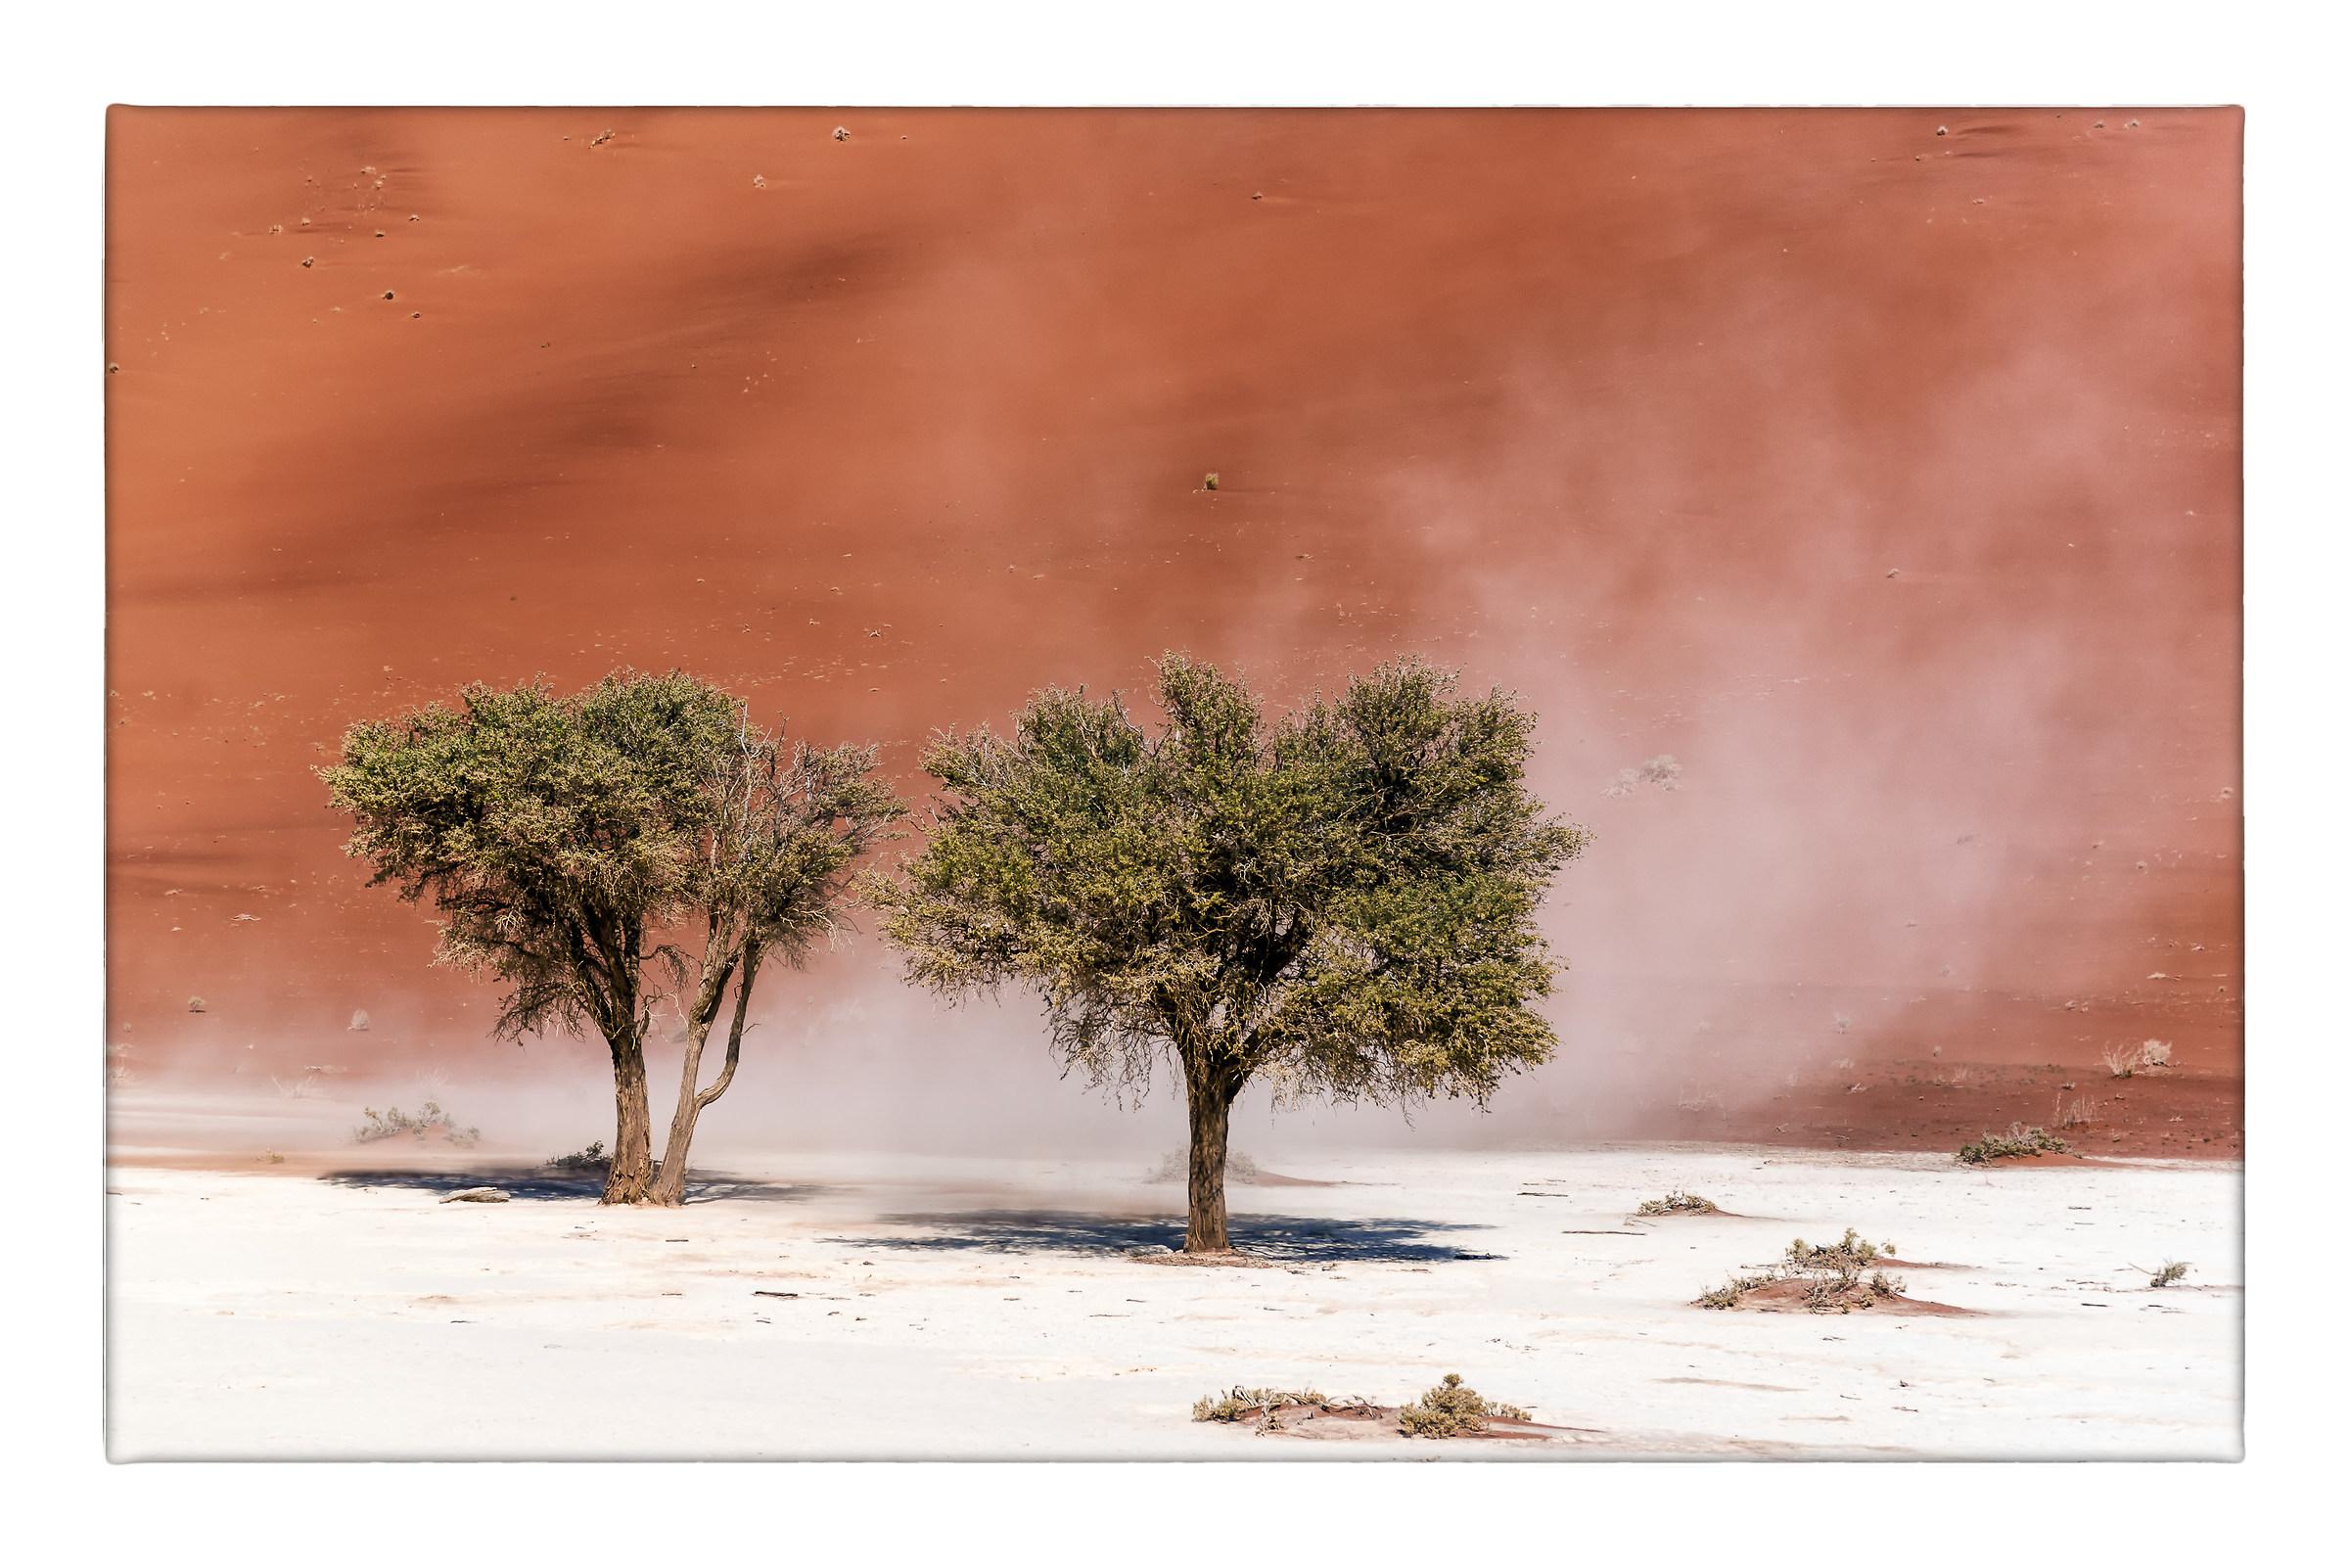 Il deserto imbiancato dal vento...